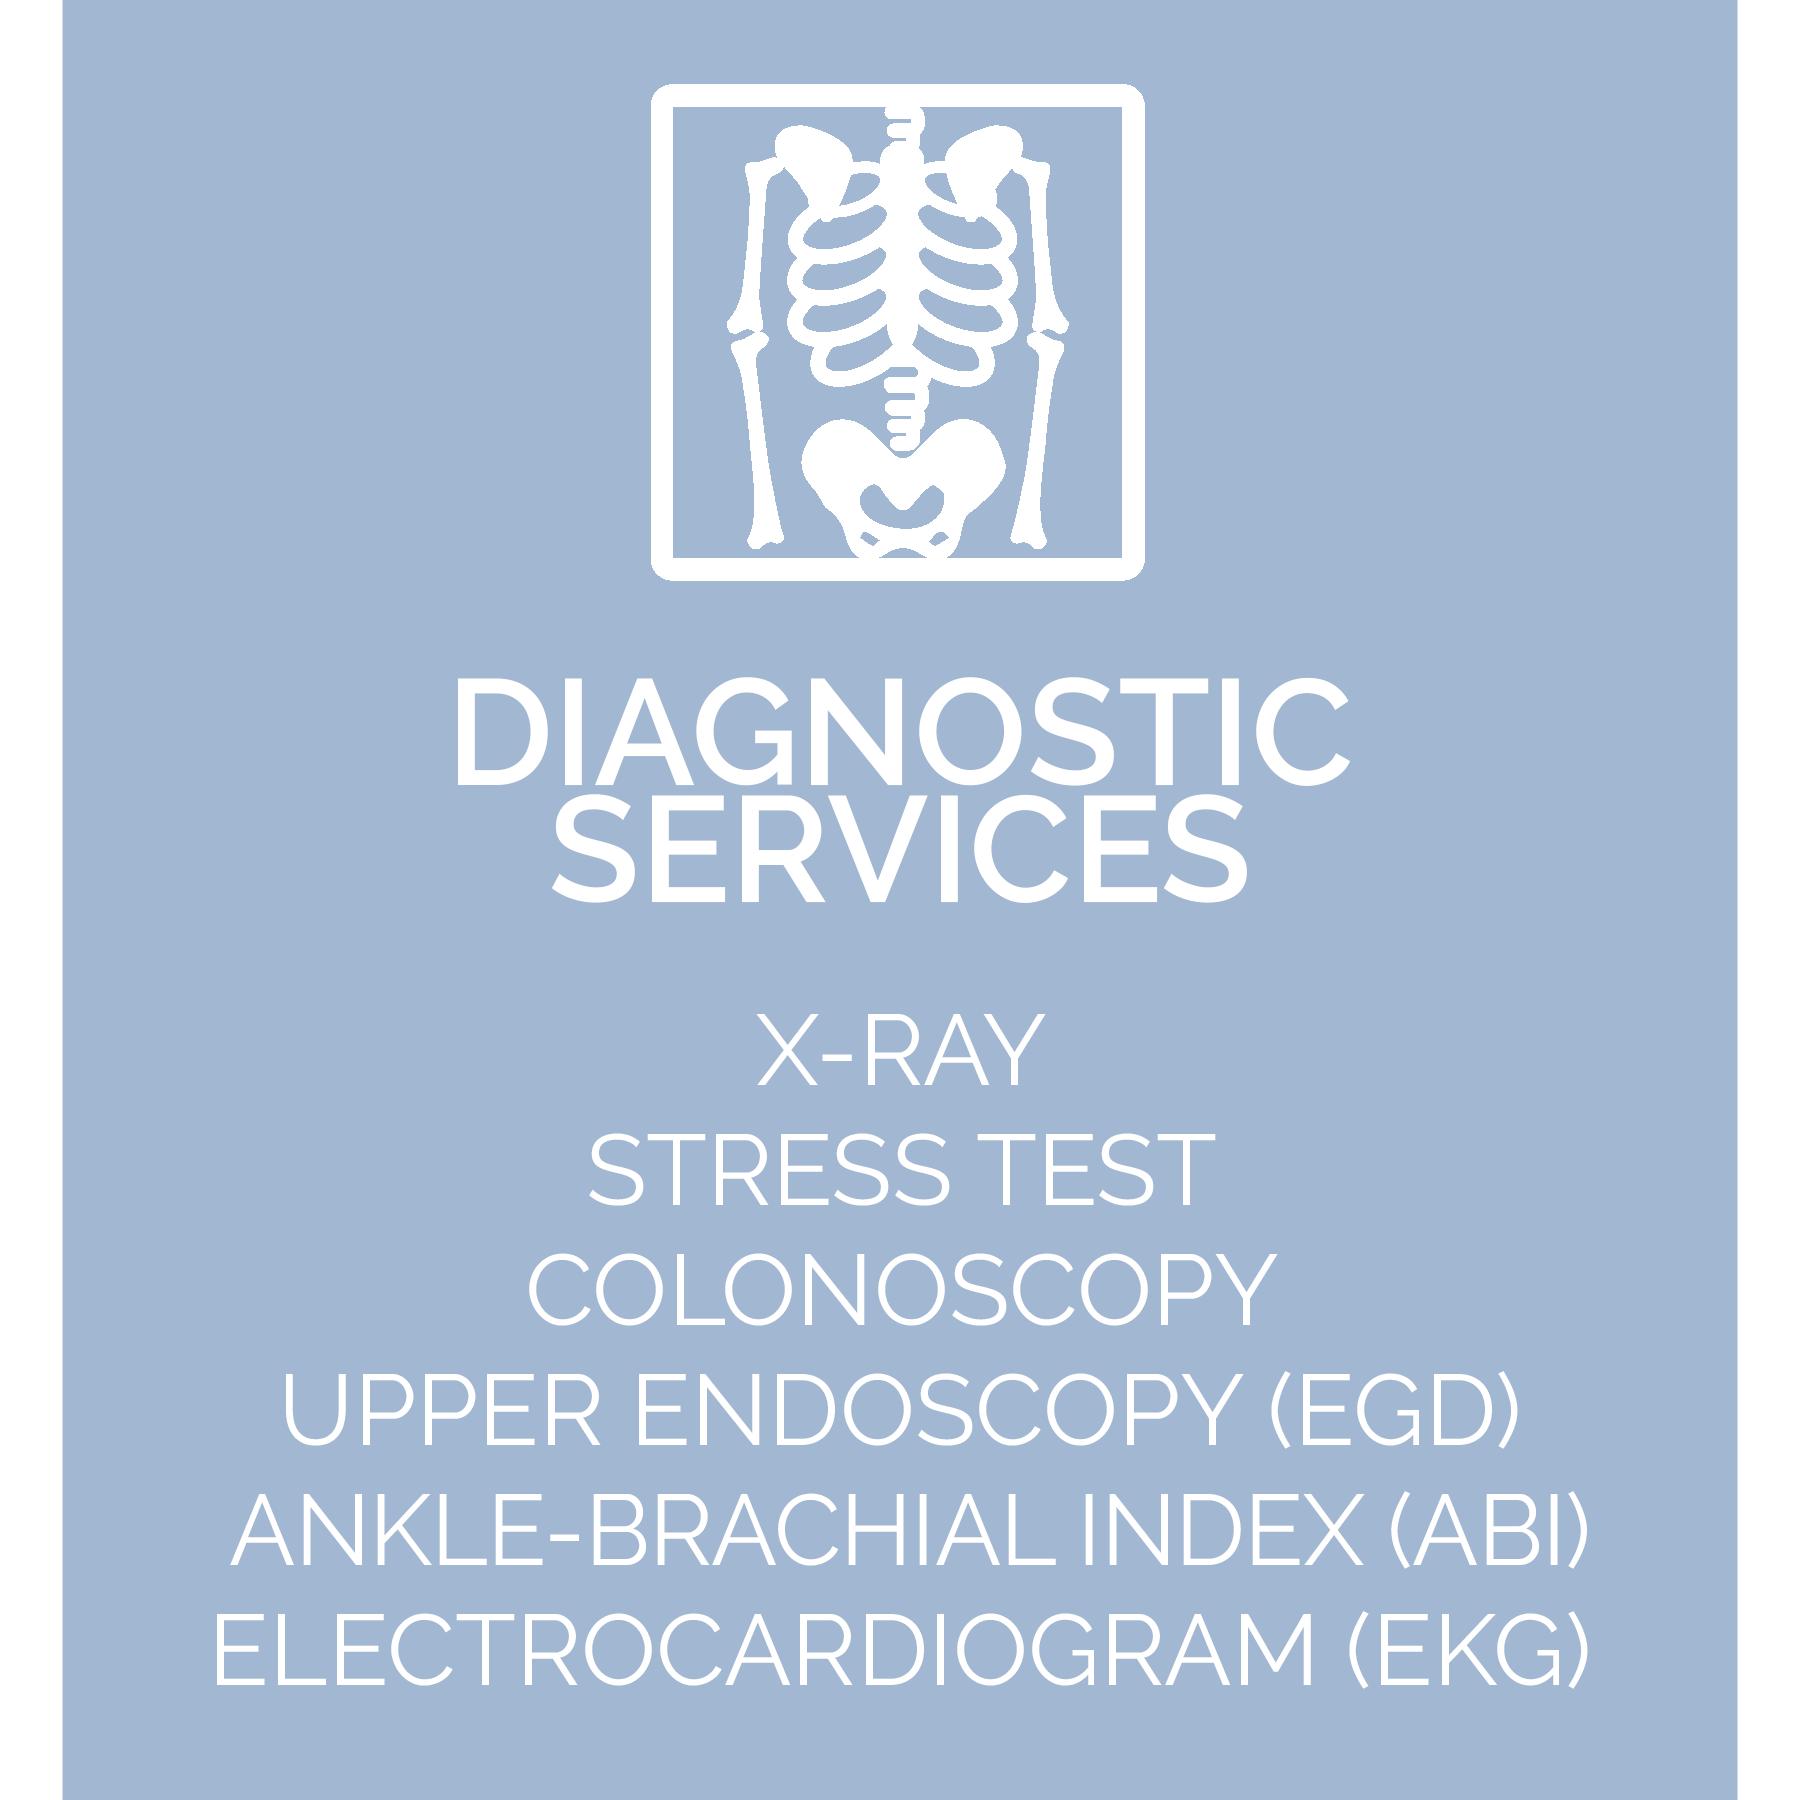 diagnostic services.png